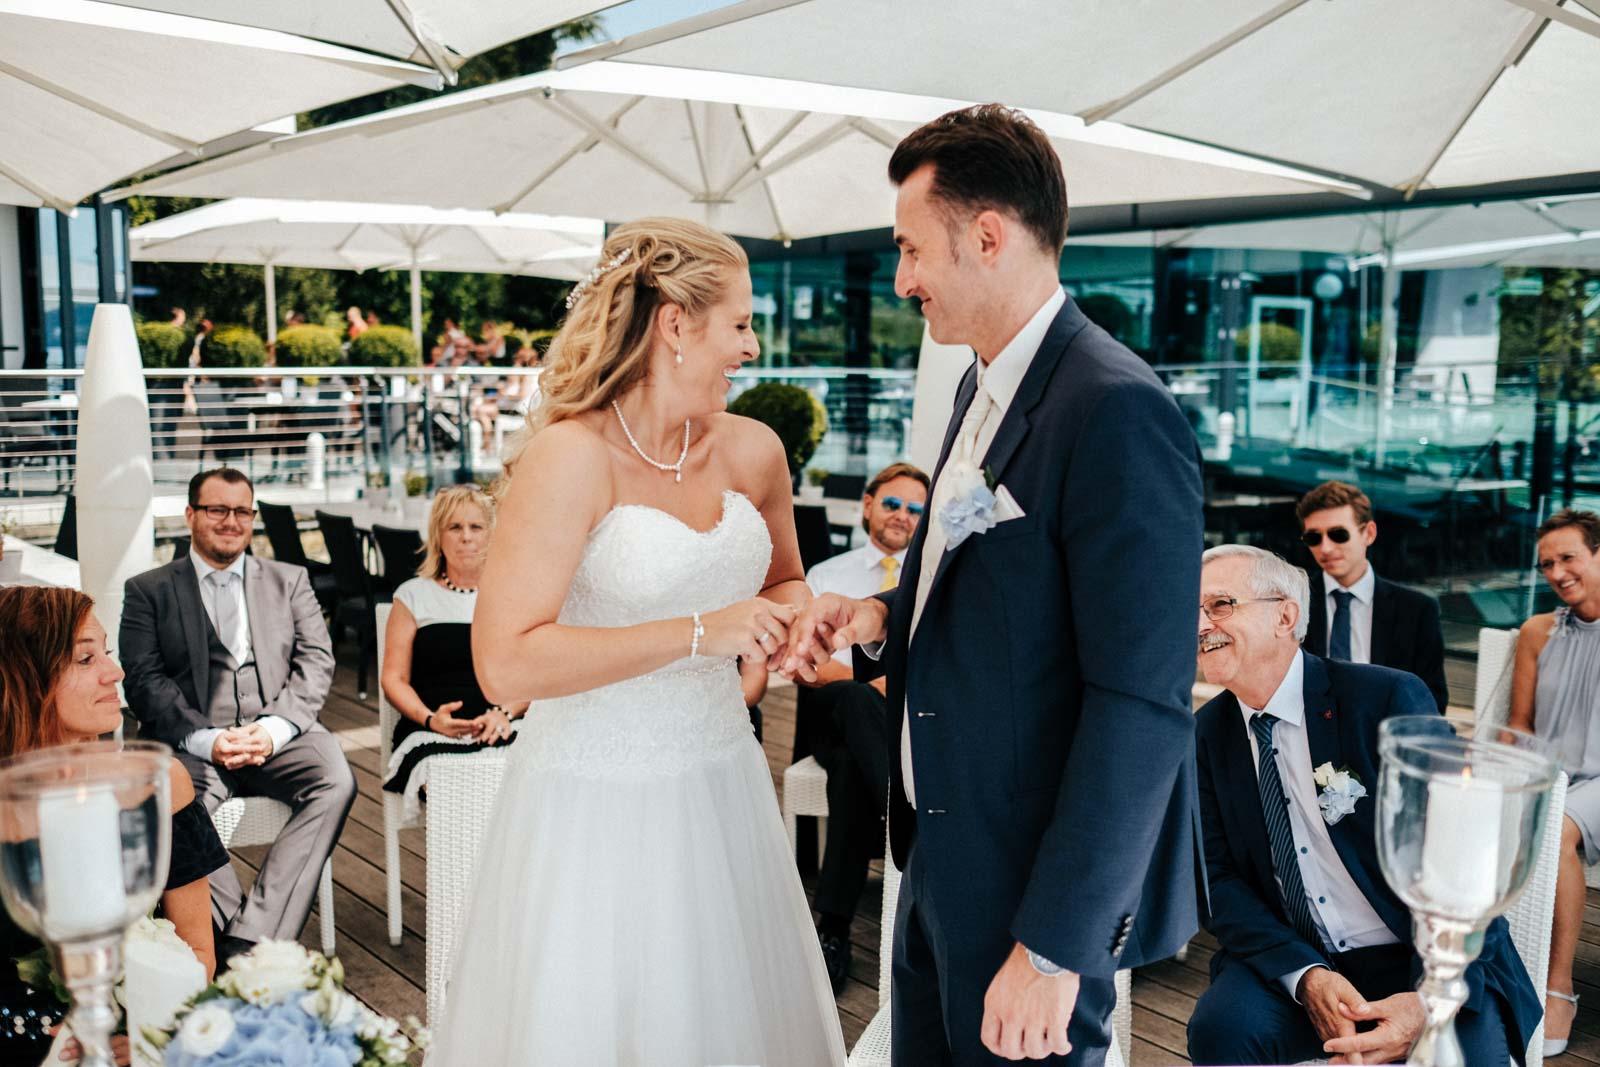 Impressive Lustige Hochzeitsbilder Reference Of Hochzeitsfotos